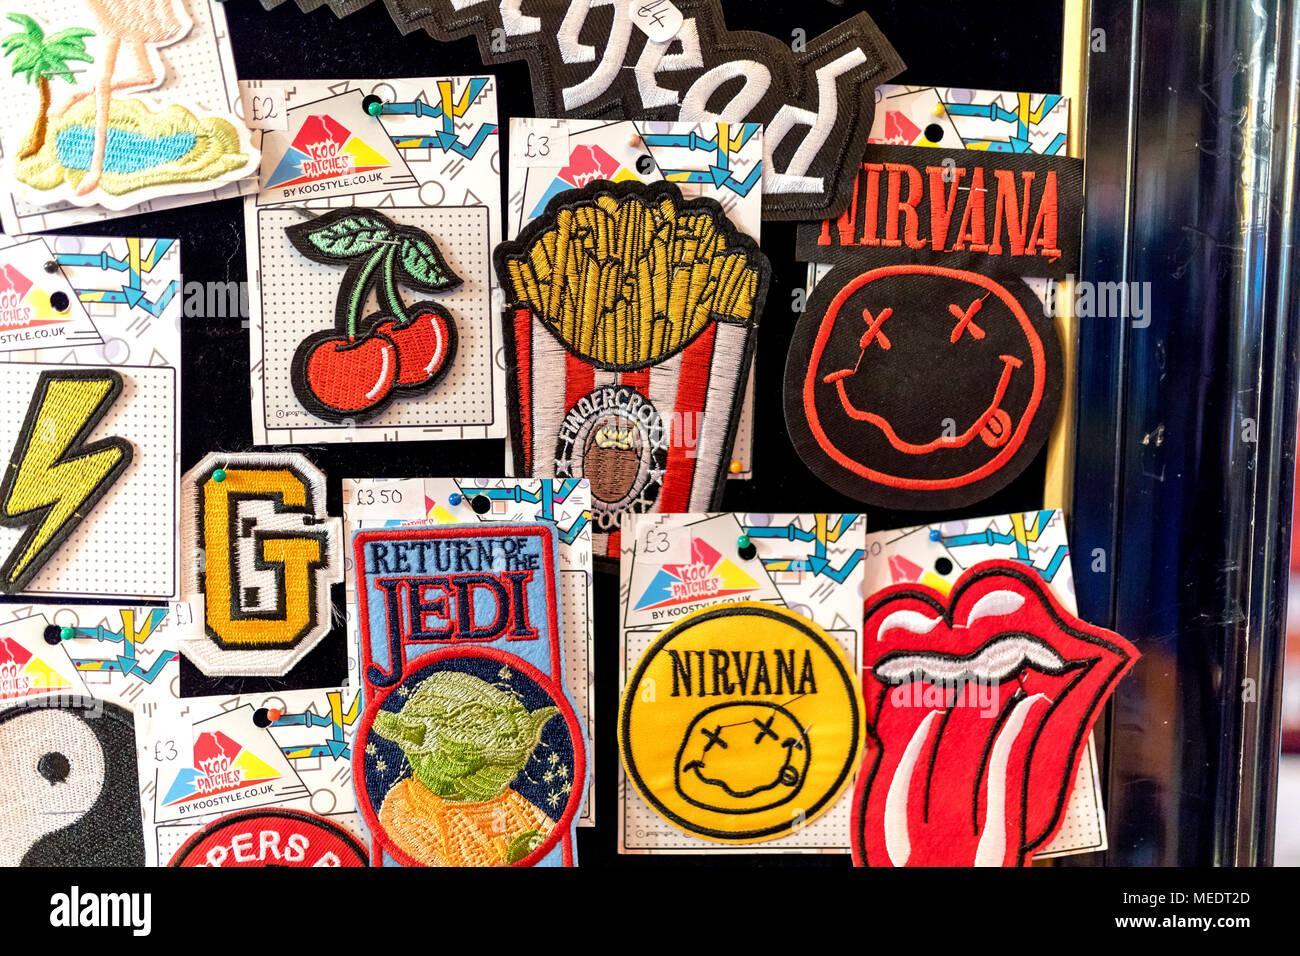 Ricamato metallo vintage Rock Indie Punk Band musicale cucire il ferro sulle patch sul display nel Regno Unito compresi Motorhead, ACDC, Nirvana, Rolling Stones e R Immagini Stock